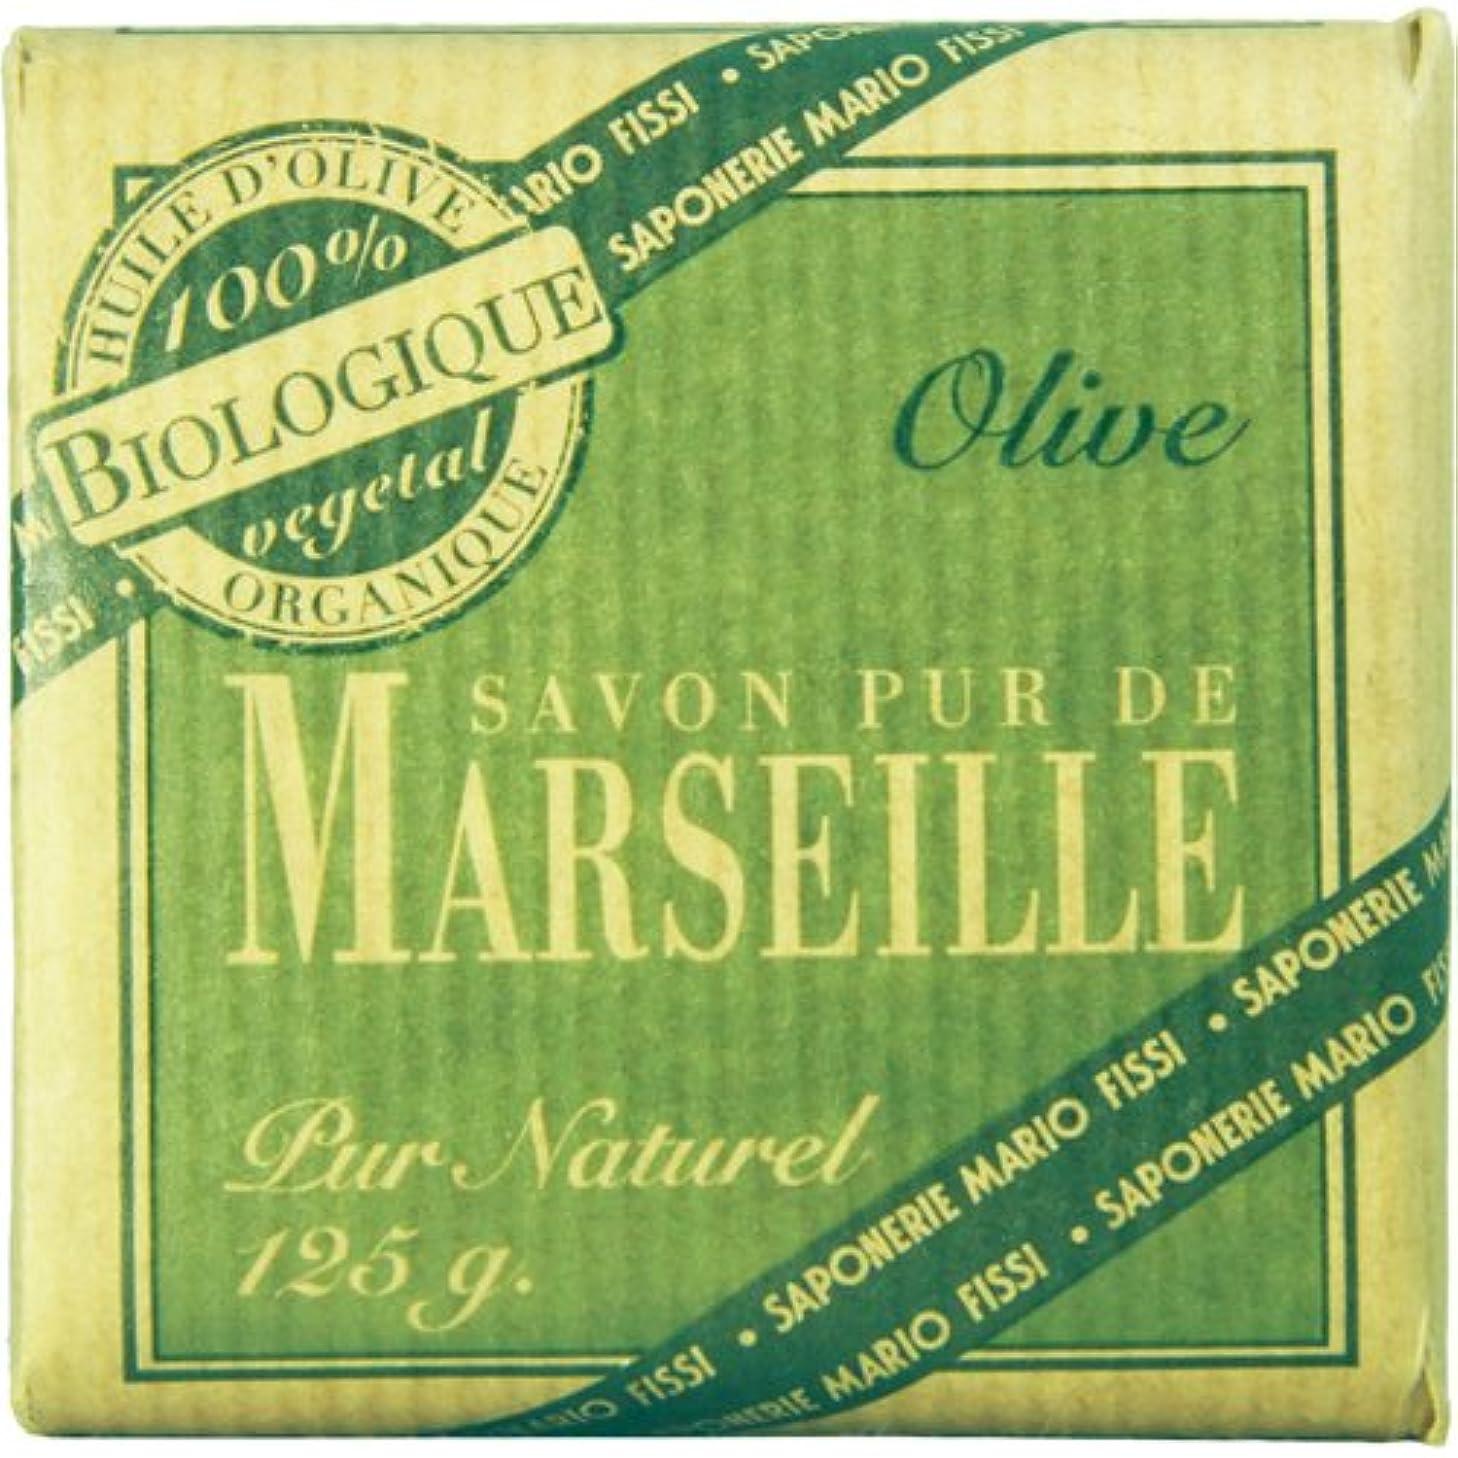 ジュニア良さ可能性Saponerire Fissi マルセイユシリーズ マルセイユソープ 125g Olive オリーブ